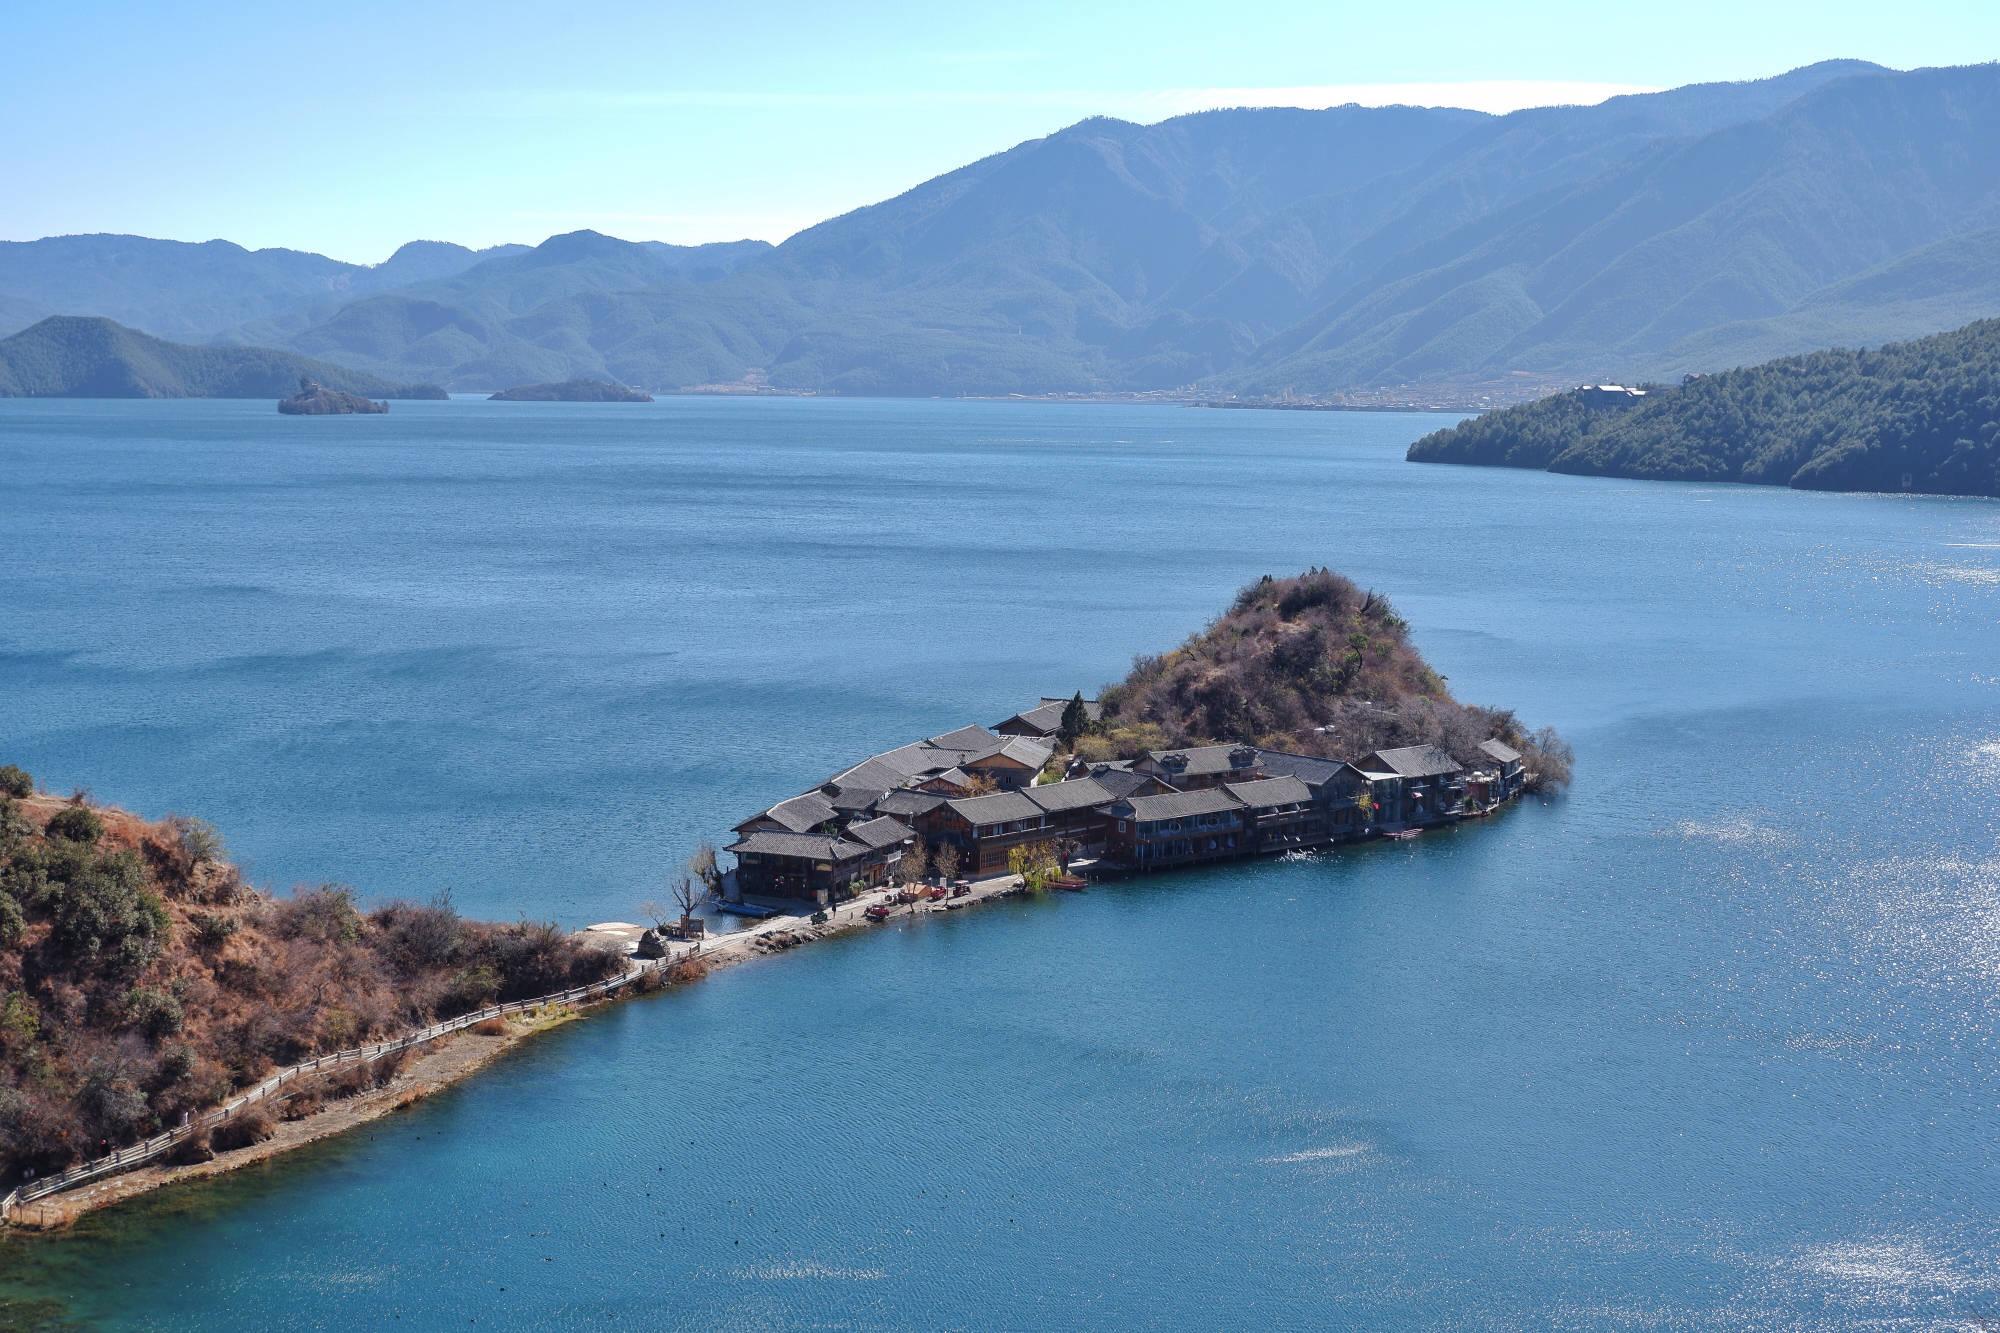 云南一座小岛,只有一条2米宽的路与陆地连接,住一晚要上千元